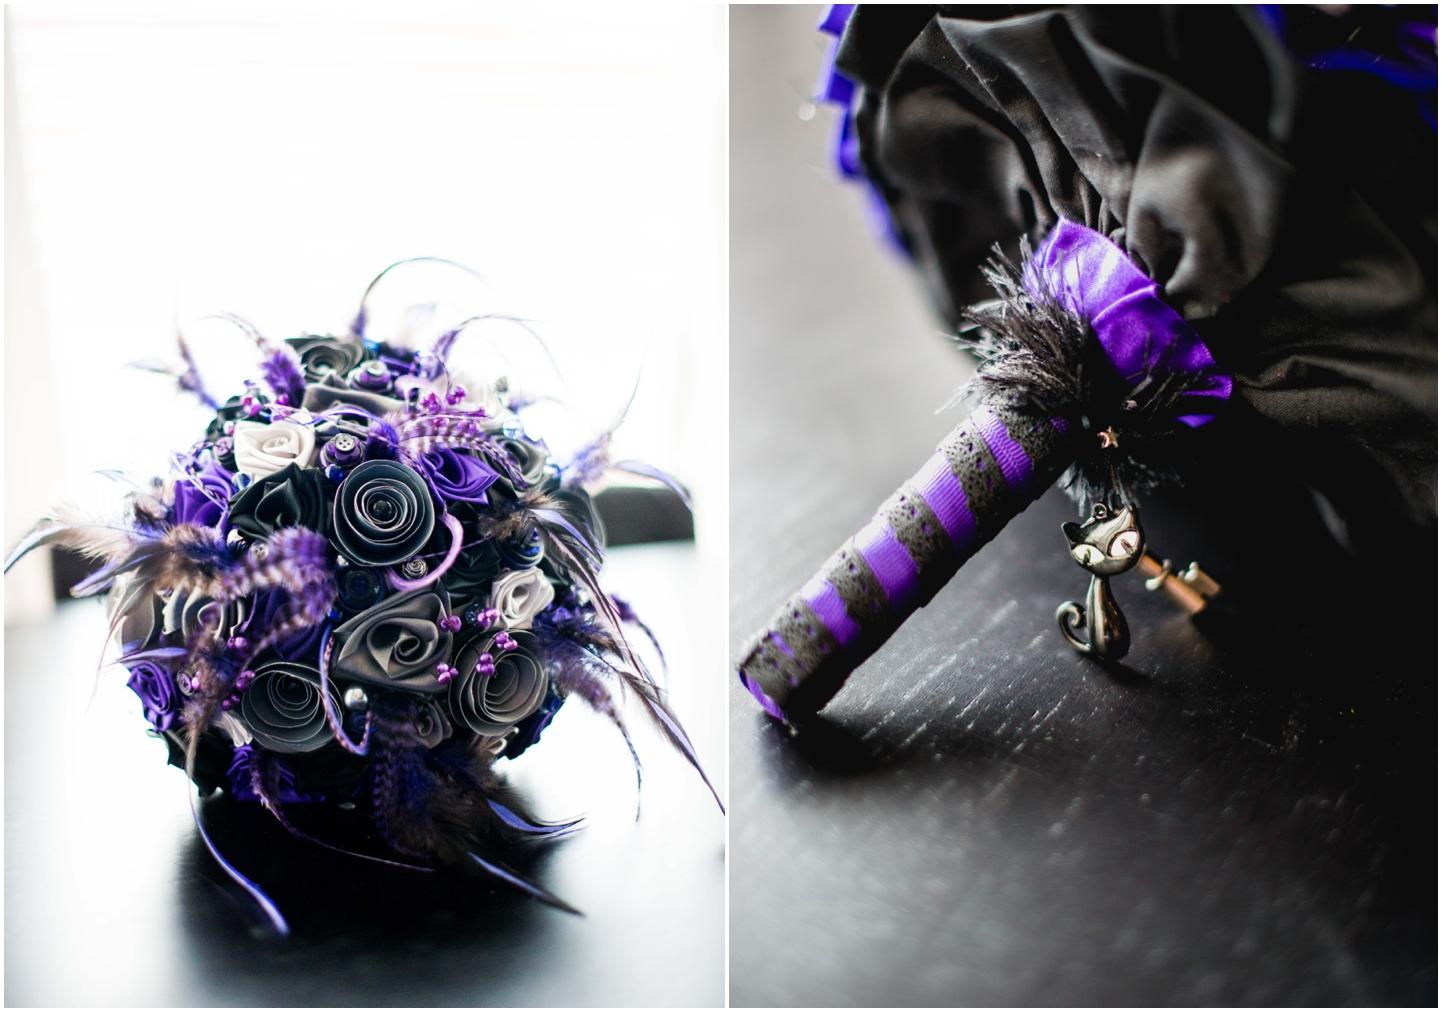 Bond Company Wedding, Digbeth, Lisa Carpenter Photography, Birmingham, goth wedding, alternative wedding, photos, bouquet